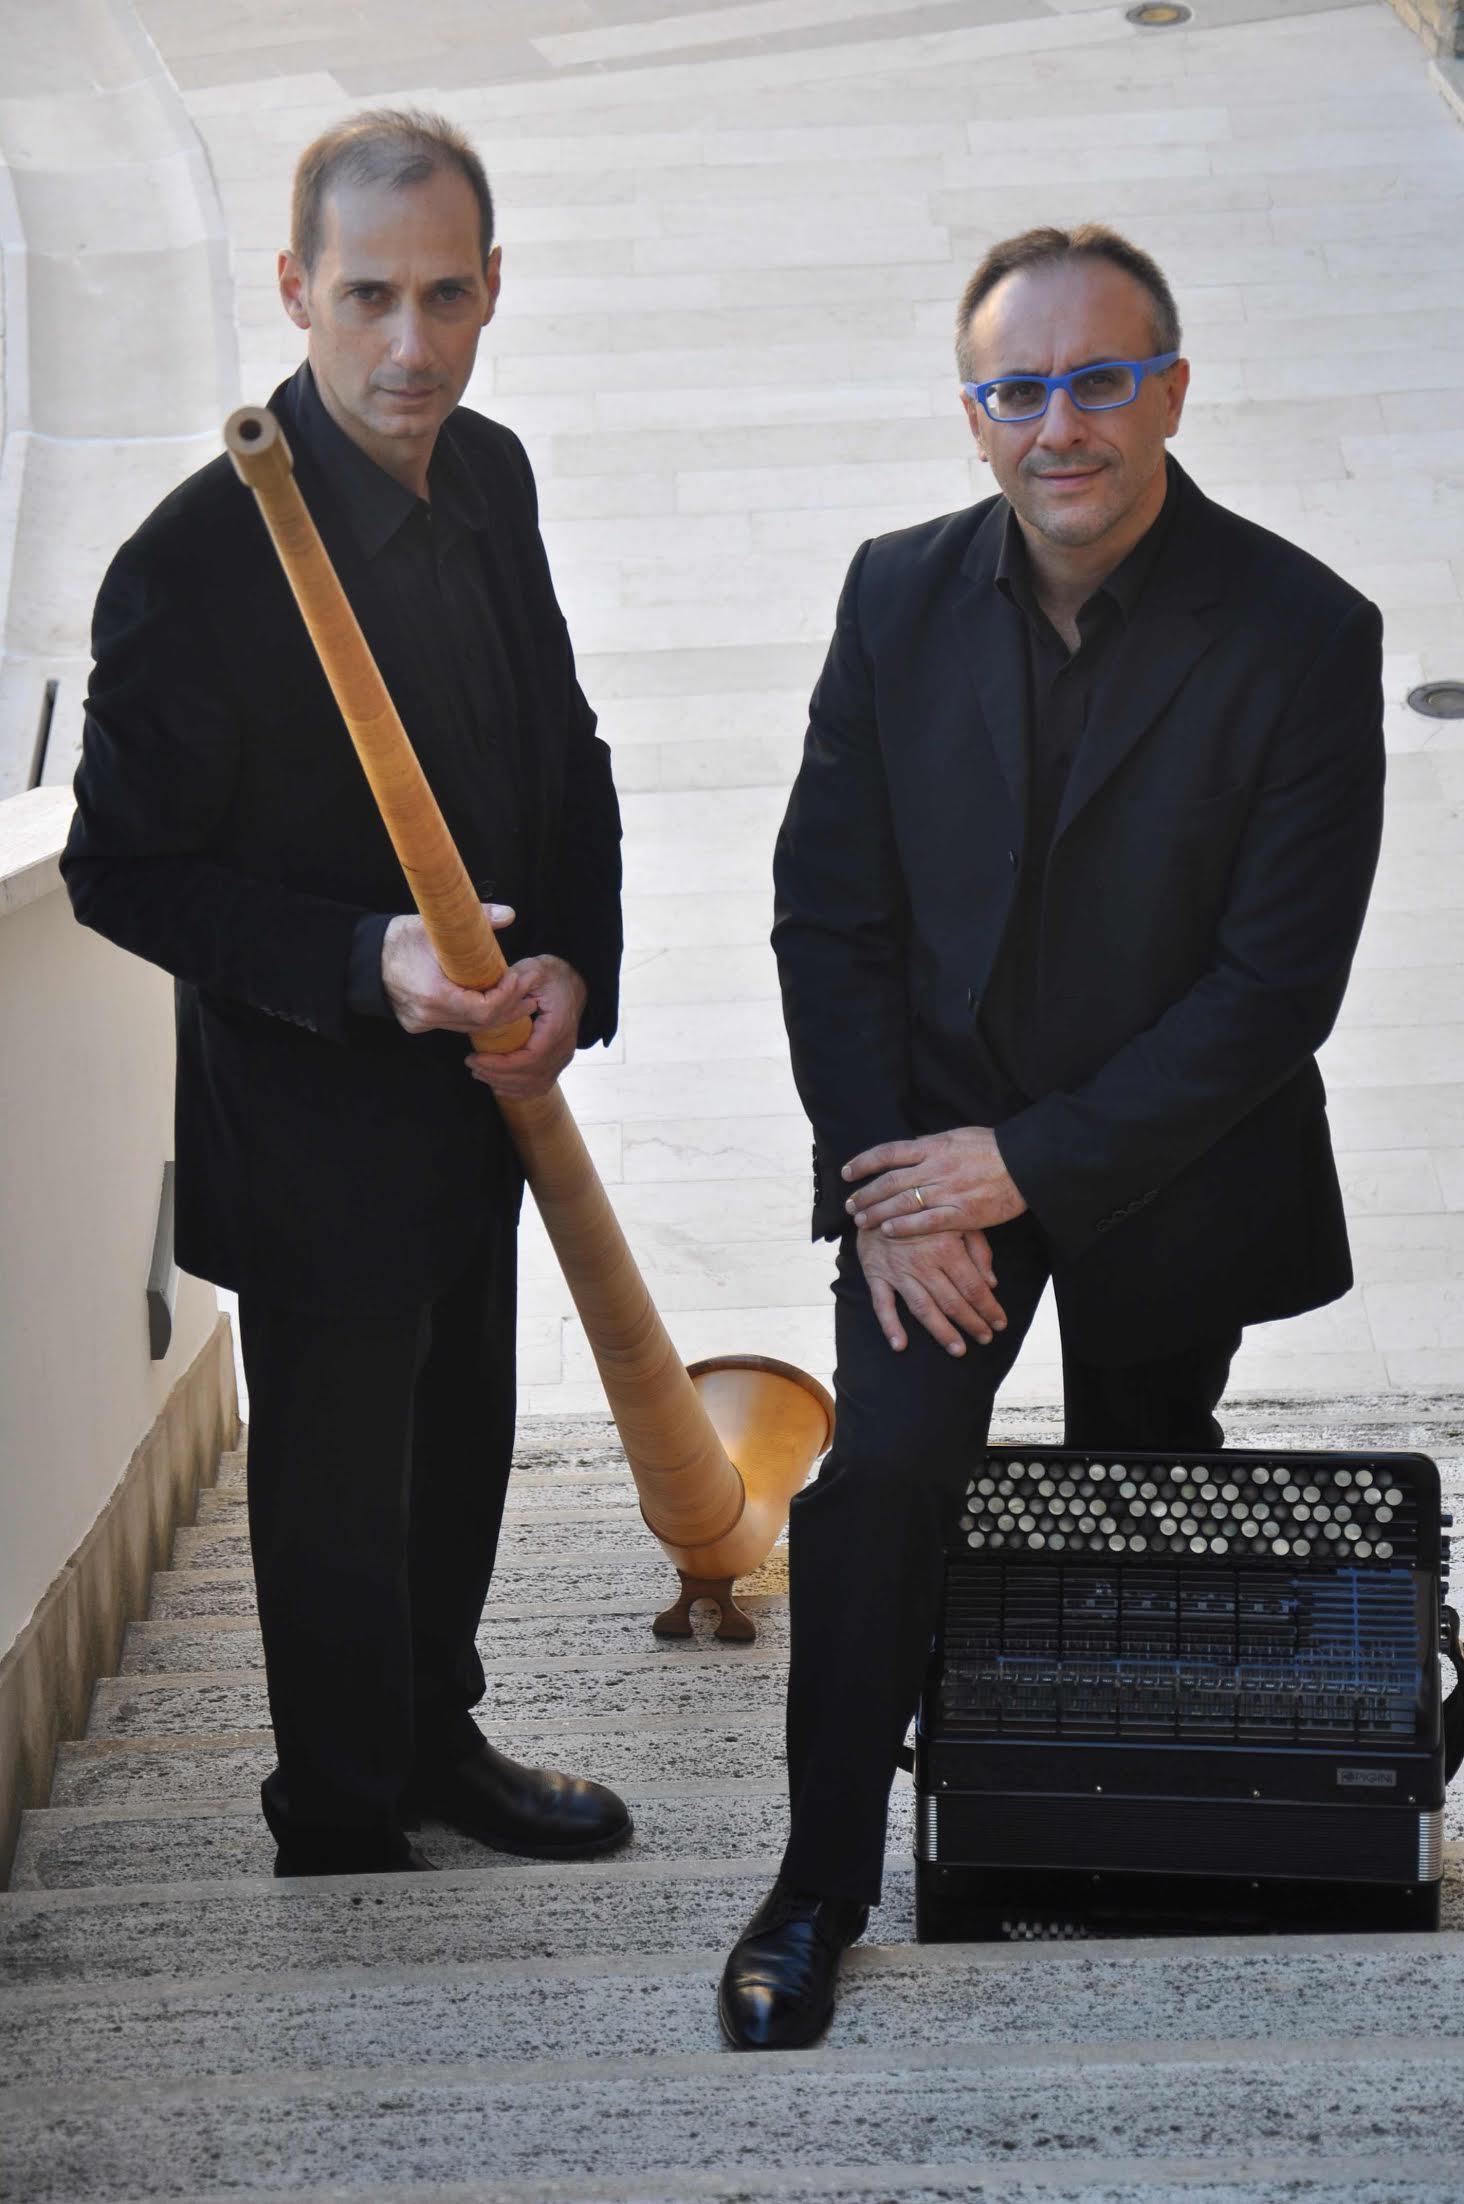 Koncert na Glazbenim večerima u sv. Donatu: neobična glazbala bajan i alpski rog